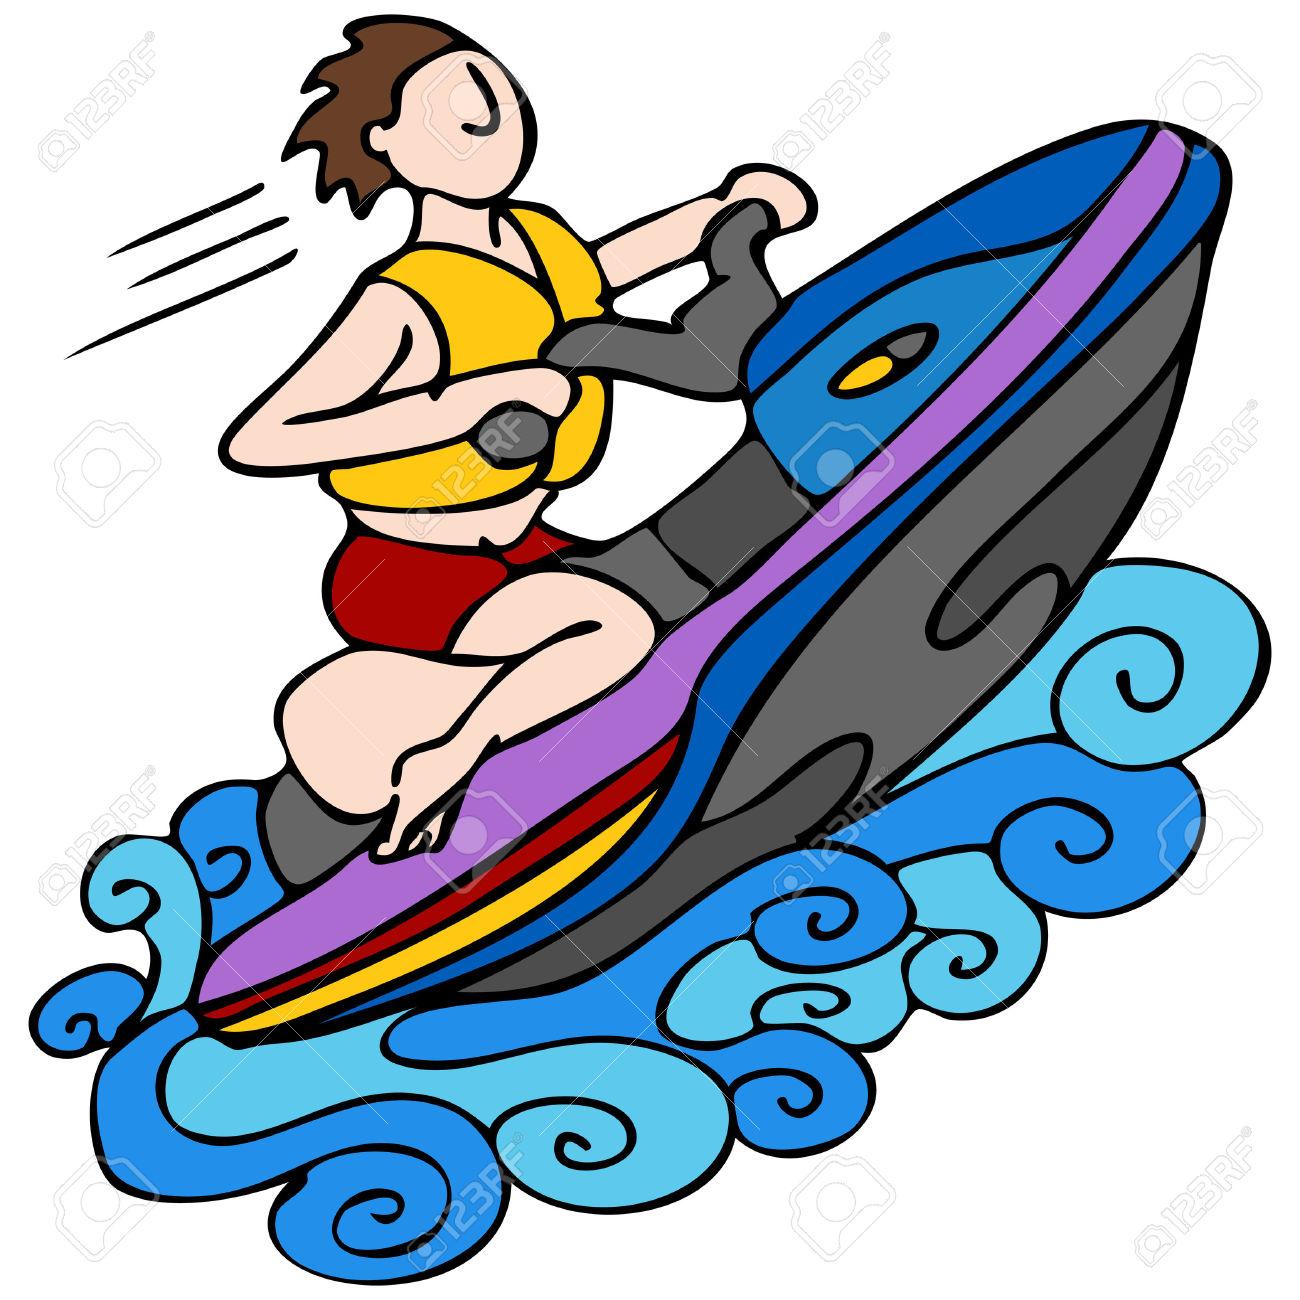 Jet ski boat clipart.